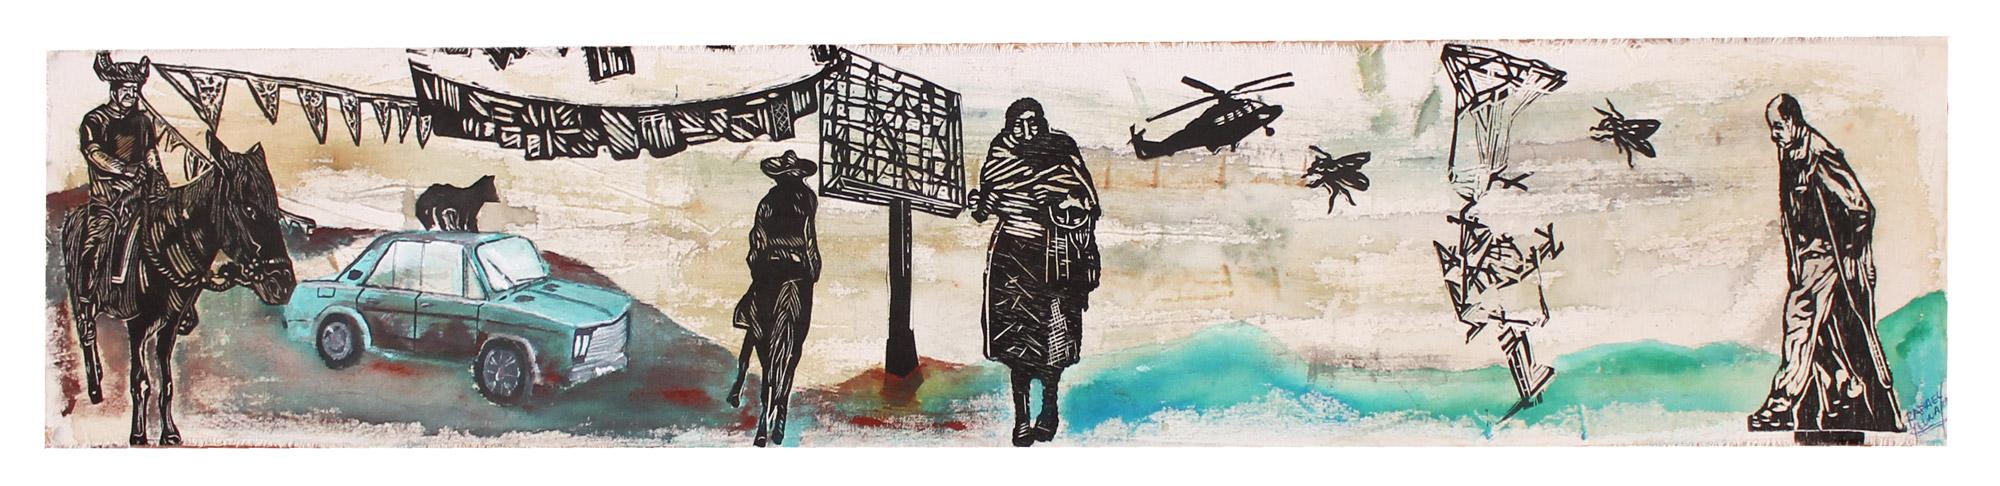 Paisajes extremos, Sin Galeria, Rafael Luna